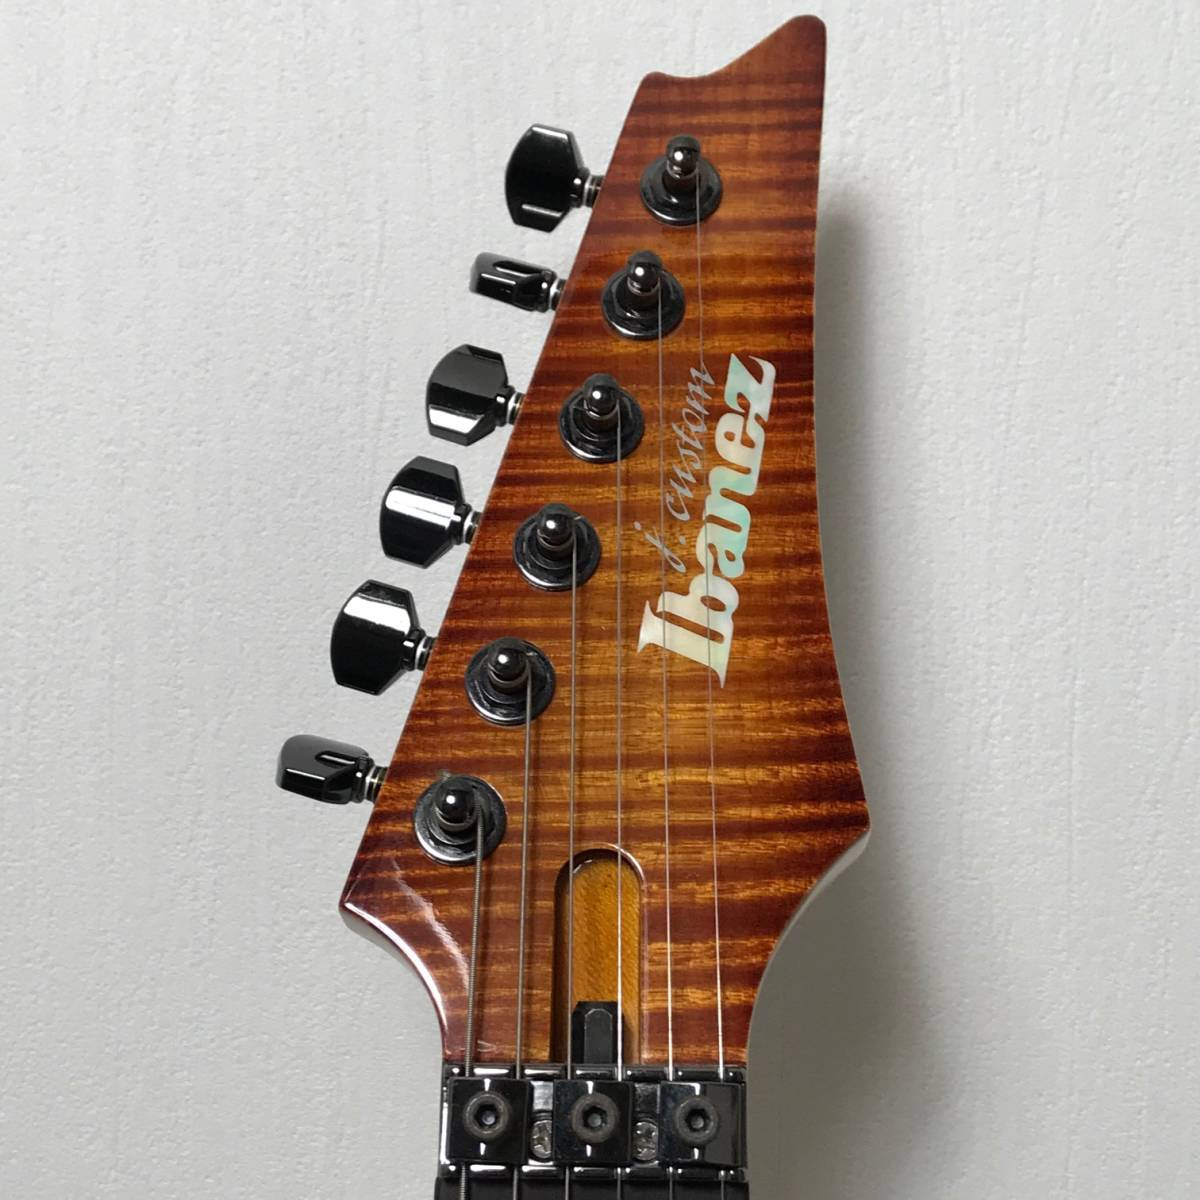 希少 美品 Ibanez J.custom RG7570Z Bright Brown Rutile 付属品 専用ハードケース付 日本製 アイバニーズ エレキギター GOTOHペグ 最高峰_画像5